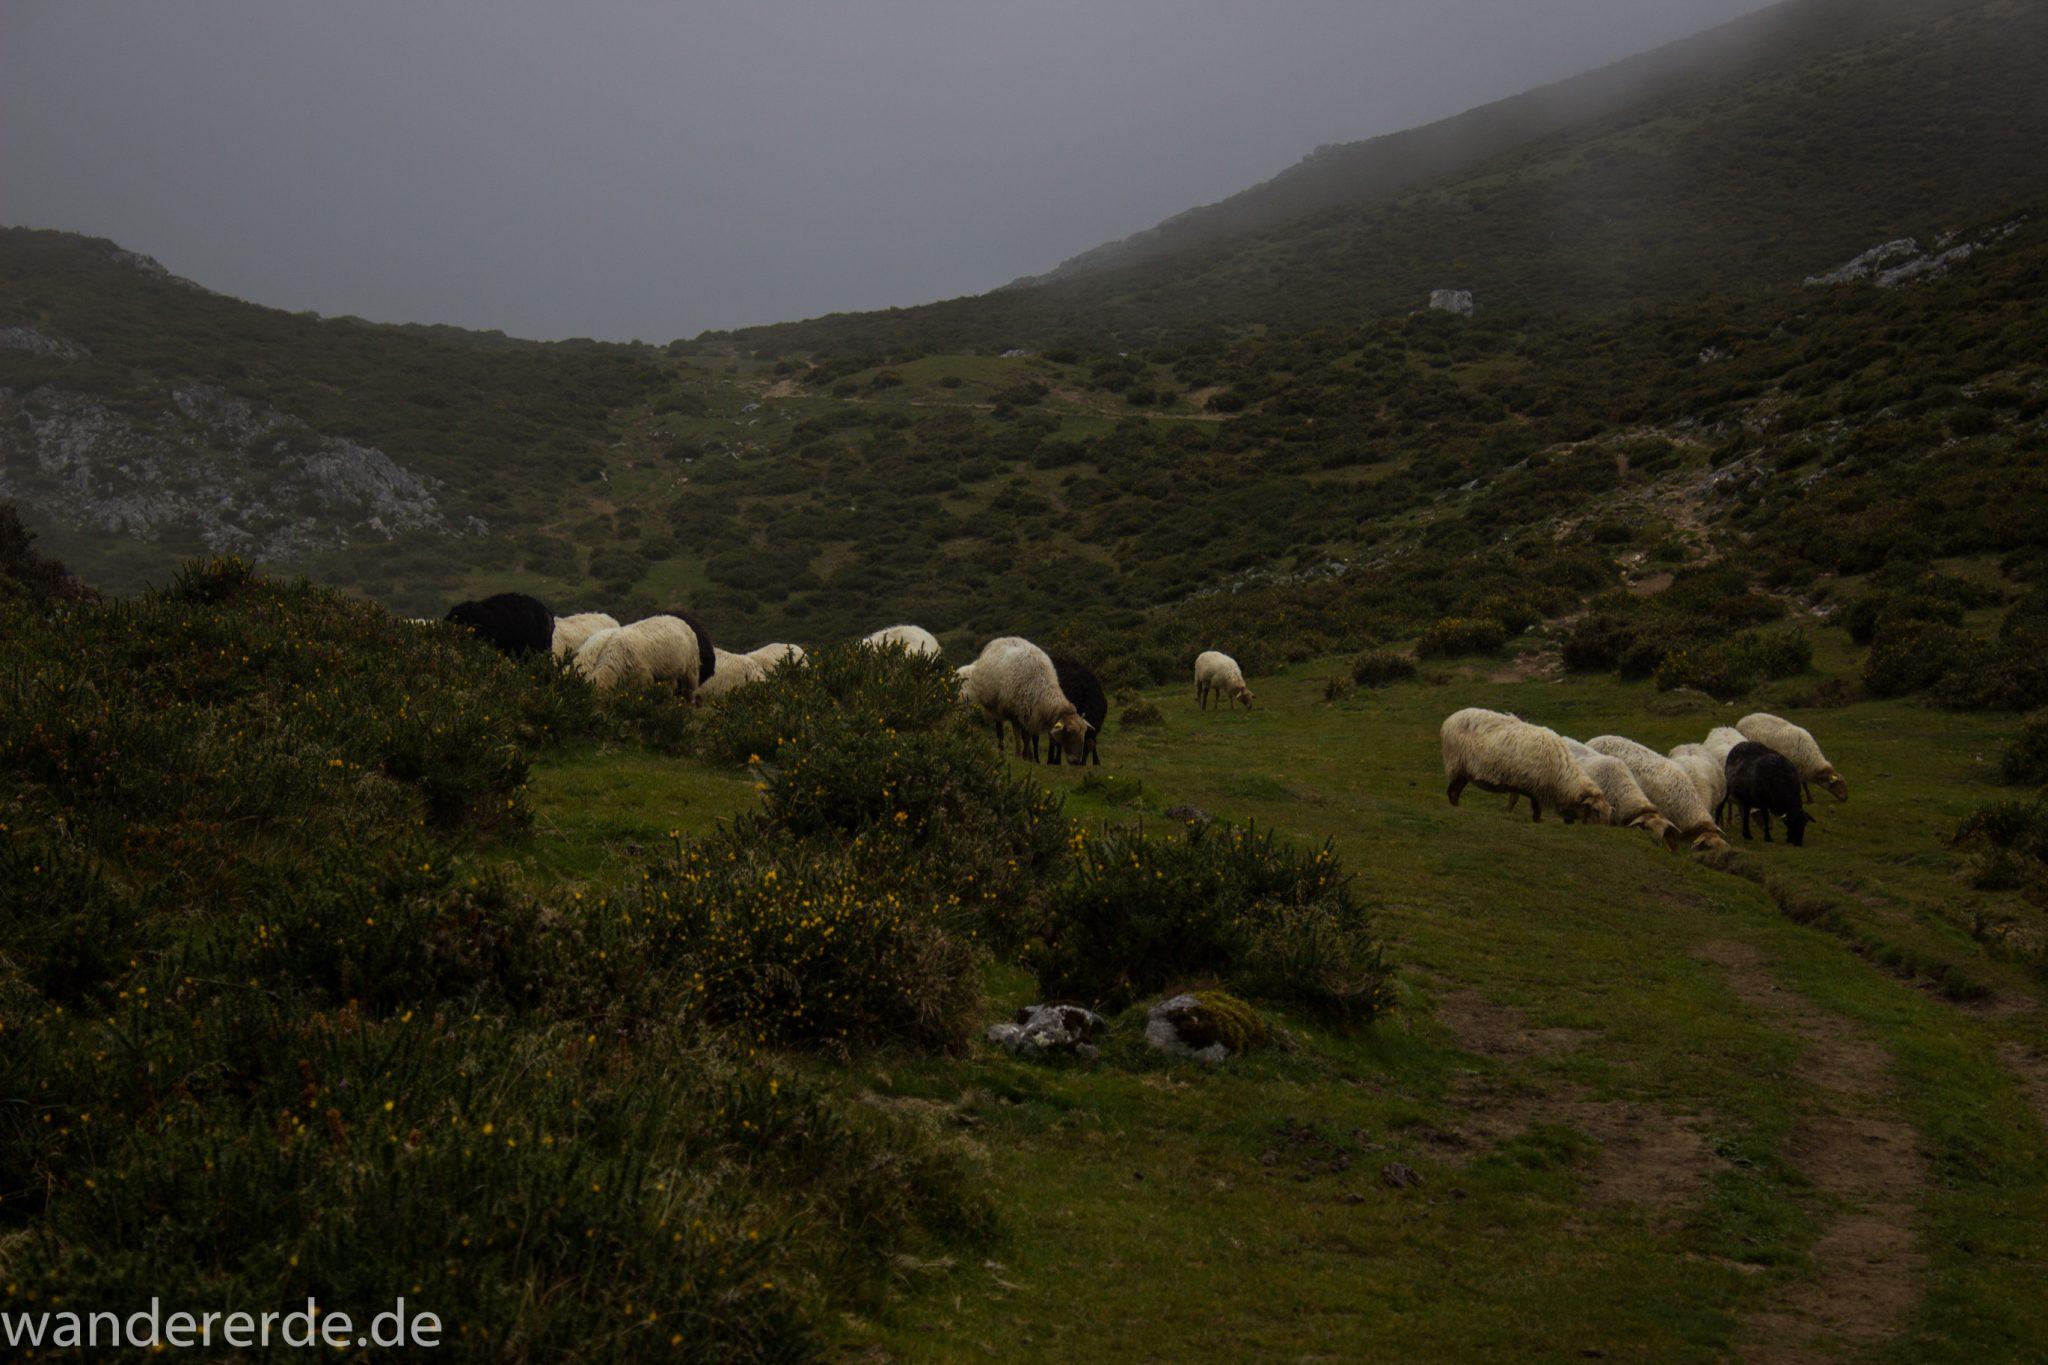 Wanderung Vega de Ario Picos de Europa Spanien, Schafe grasen auf Wiese, dichte Wolken, Bergregion in Nordspanien, Wandern, atmosphärisch, saftig grüne Wiese und Büsche